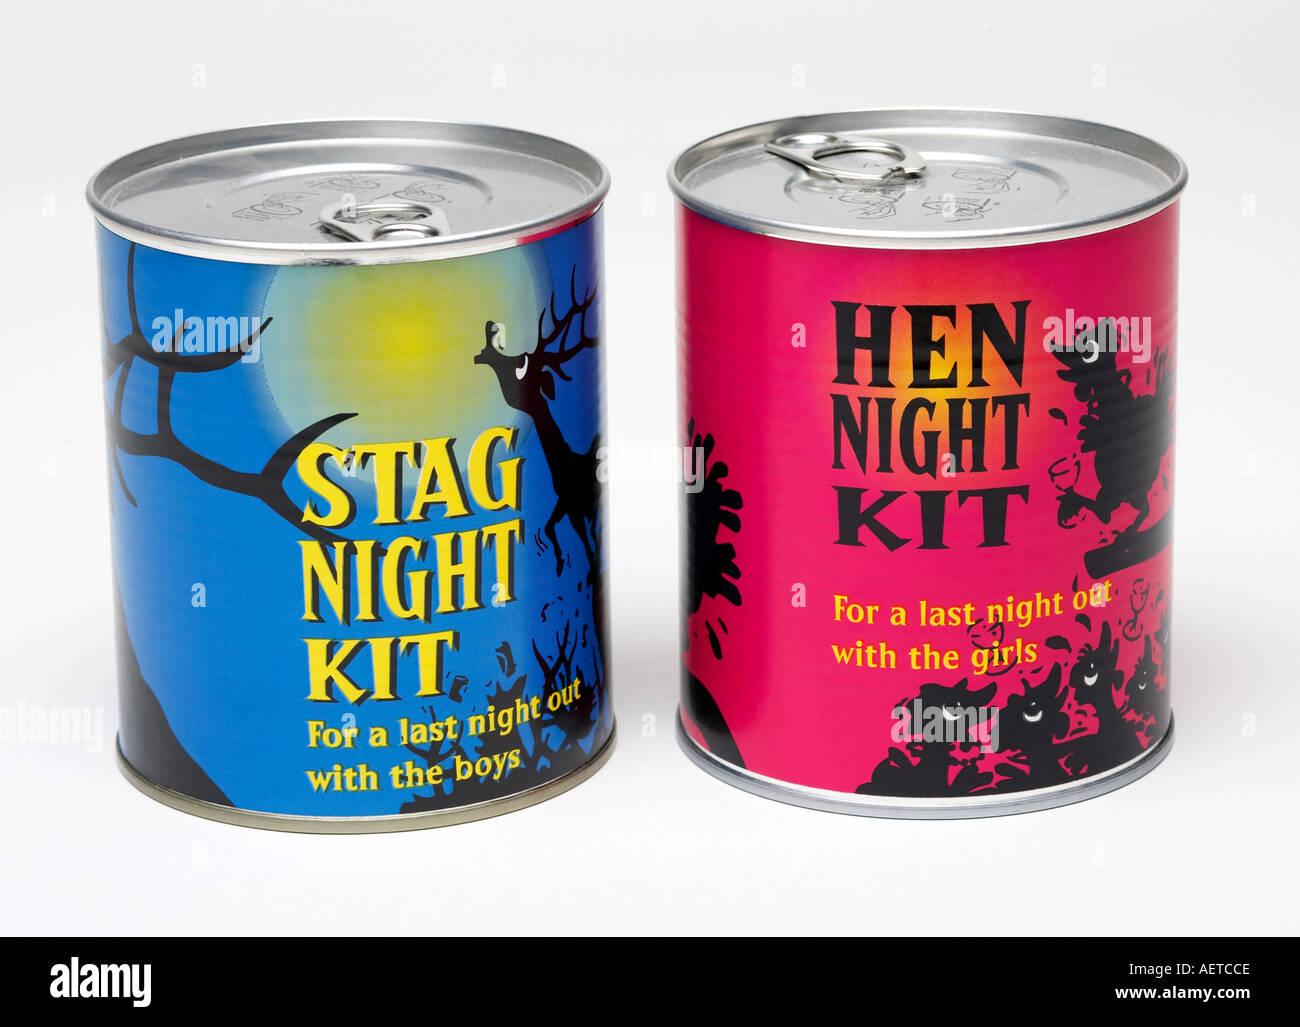 Stag et Hen nuit blague des cadeaux de mariage Photo Stock